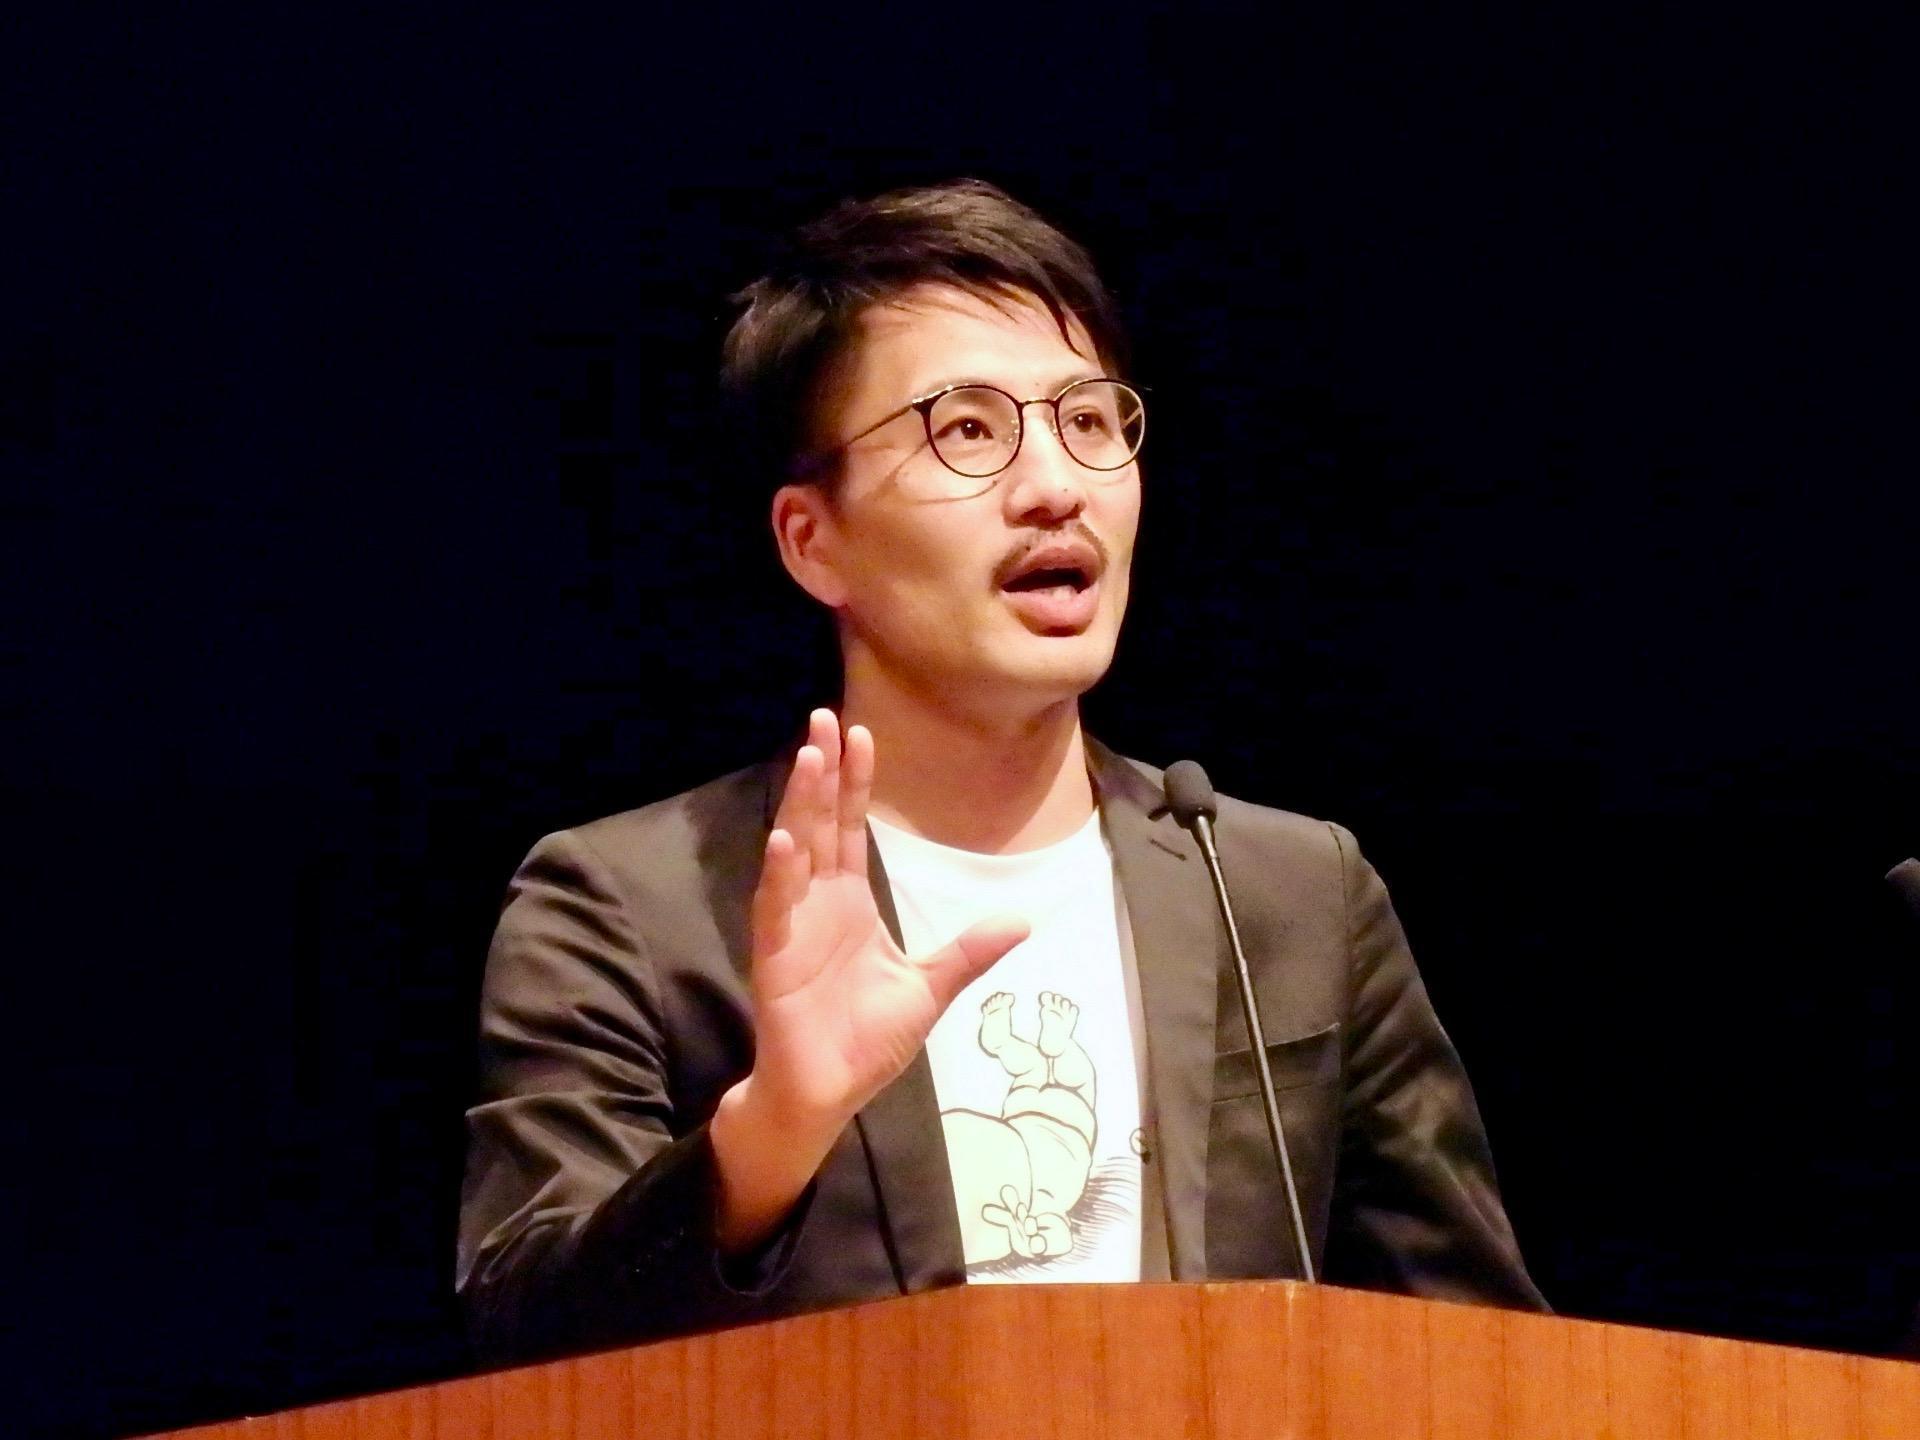 http://news.yoshimoto.co.jp/20190203175242-d9bdd511d979eef46ce52eadd4555e26de7f8900.jpeg